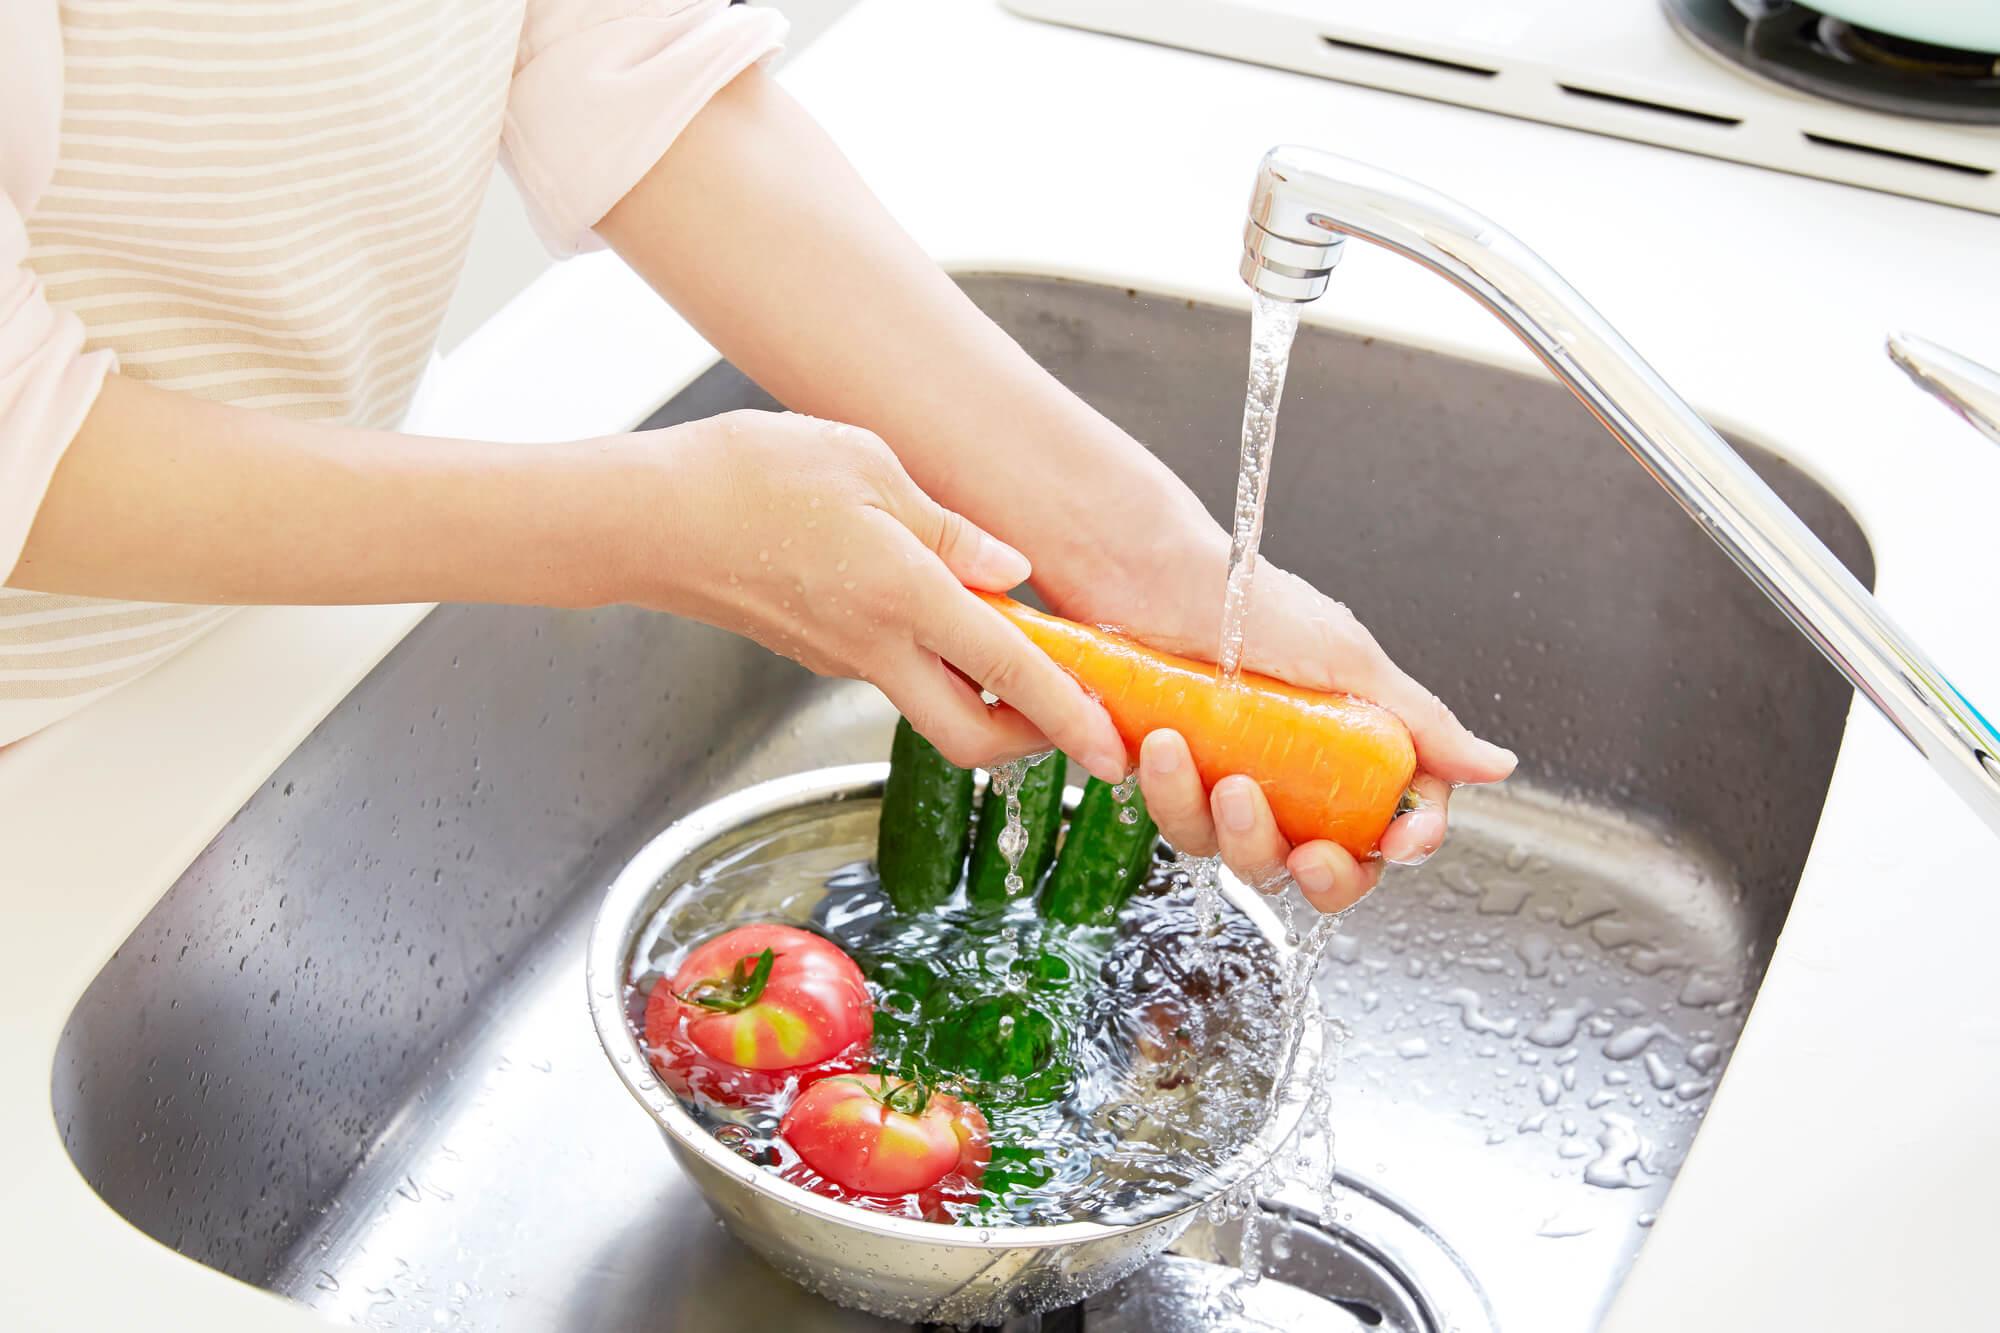 ヌルヌル汚れに効果的!排水口の掃除には重曹×お酢の力